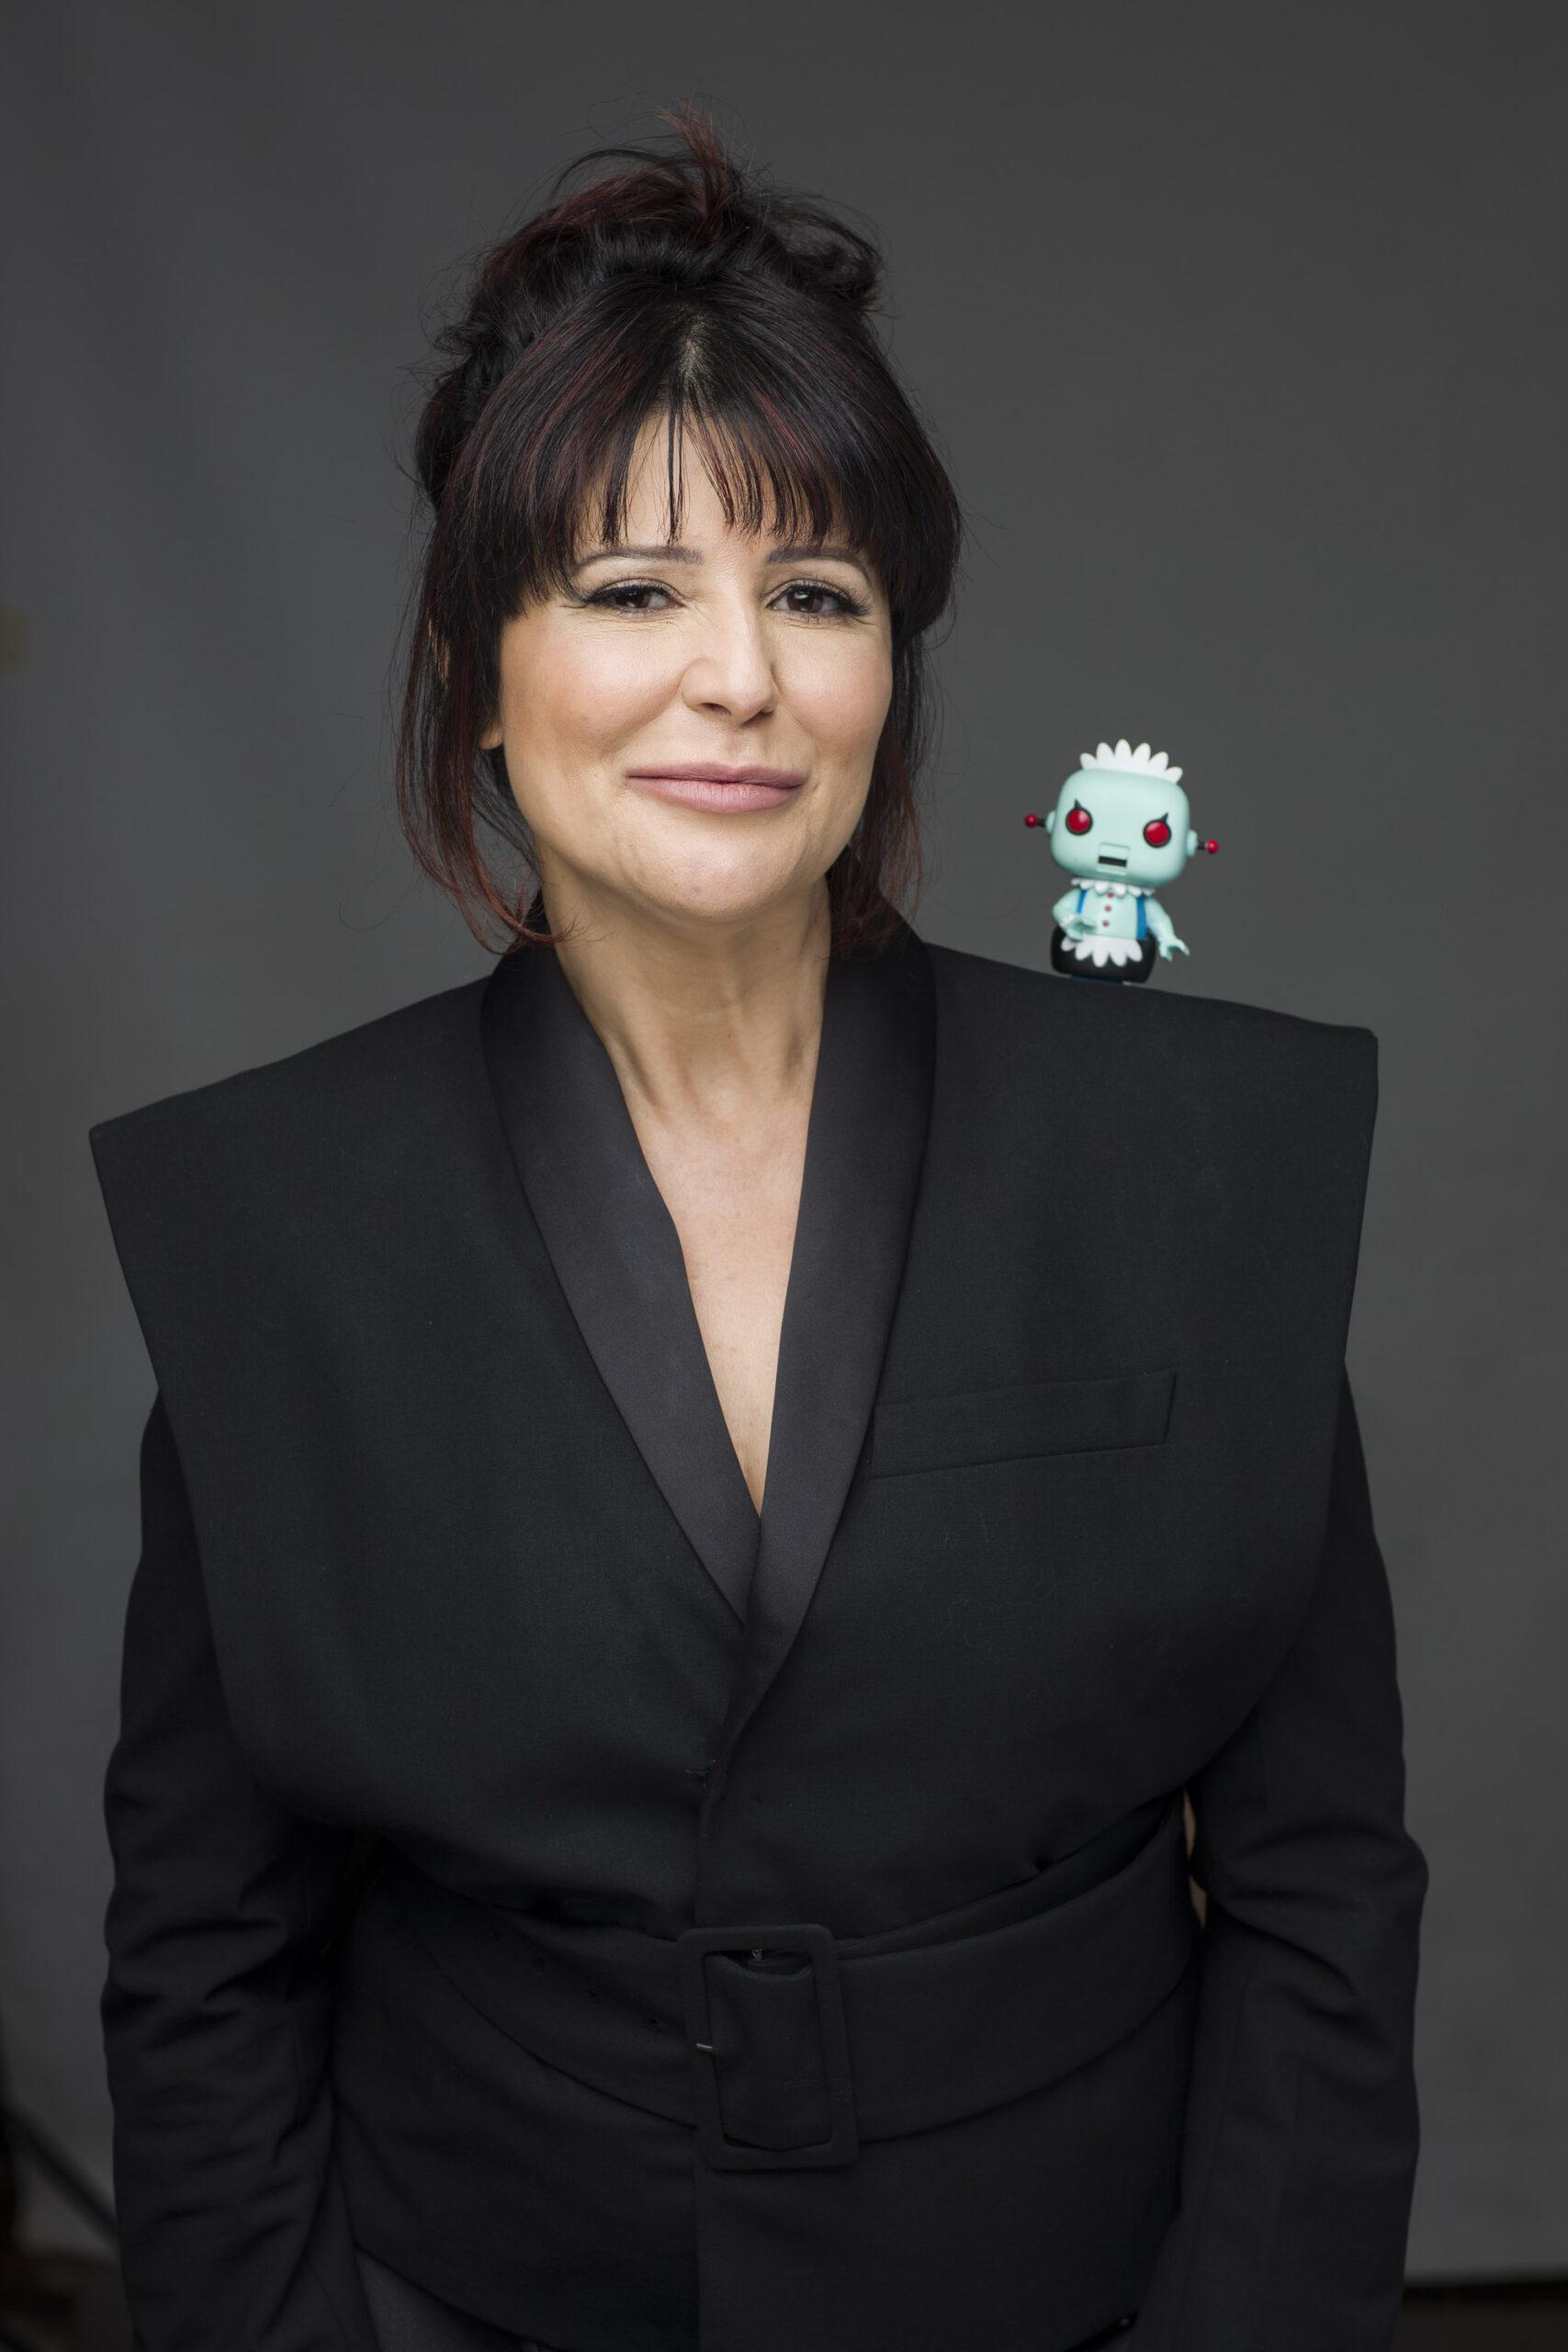 Denise está olhando pra frente com um robozinho no ombro